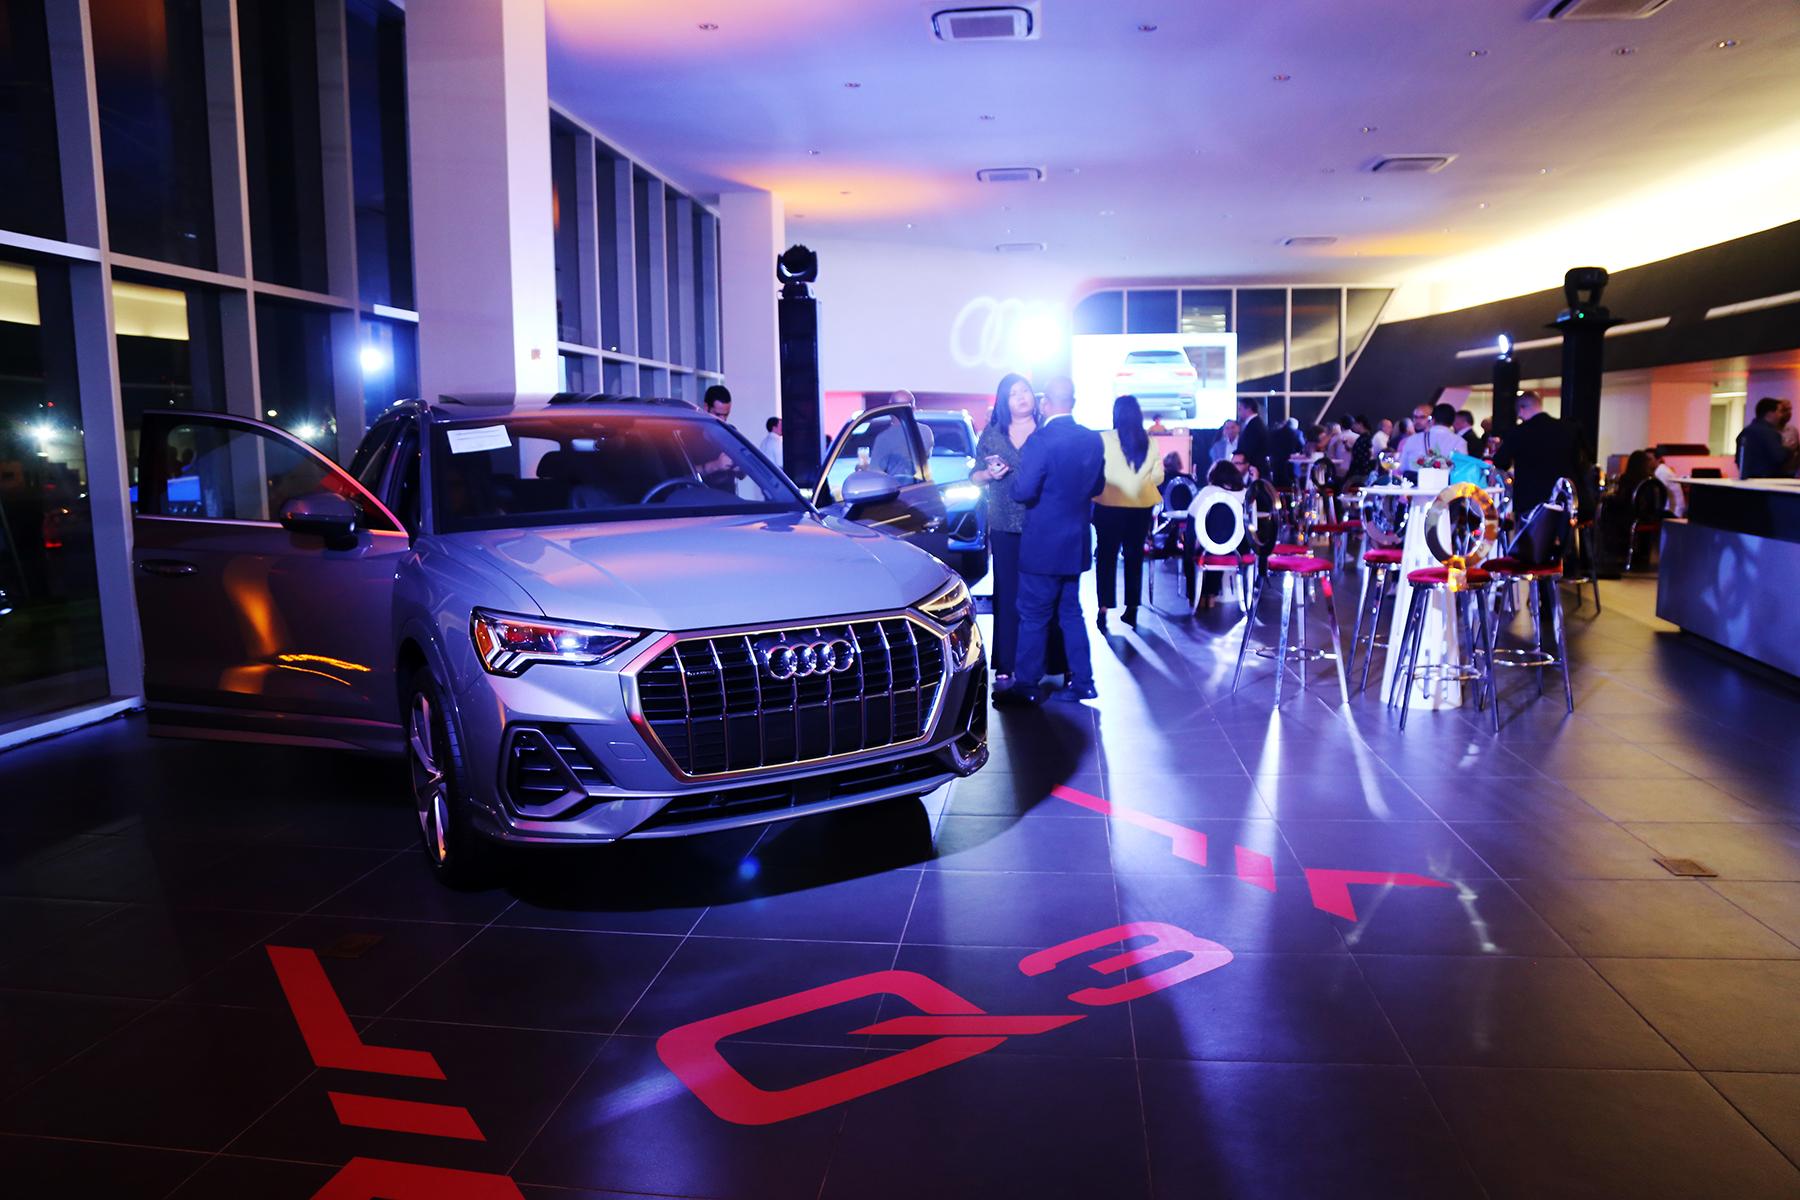 Al evento se dieron cita clientes, medios de prensa, blogueros y aficionados de la marca que anhelaban conocer la imagen fresca y renovada que ofrece el más reciente SUV de lujo. Foto Nichole Saldarriaga